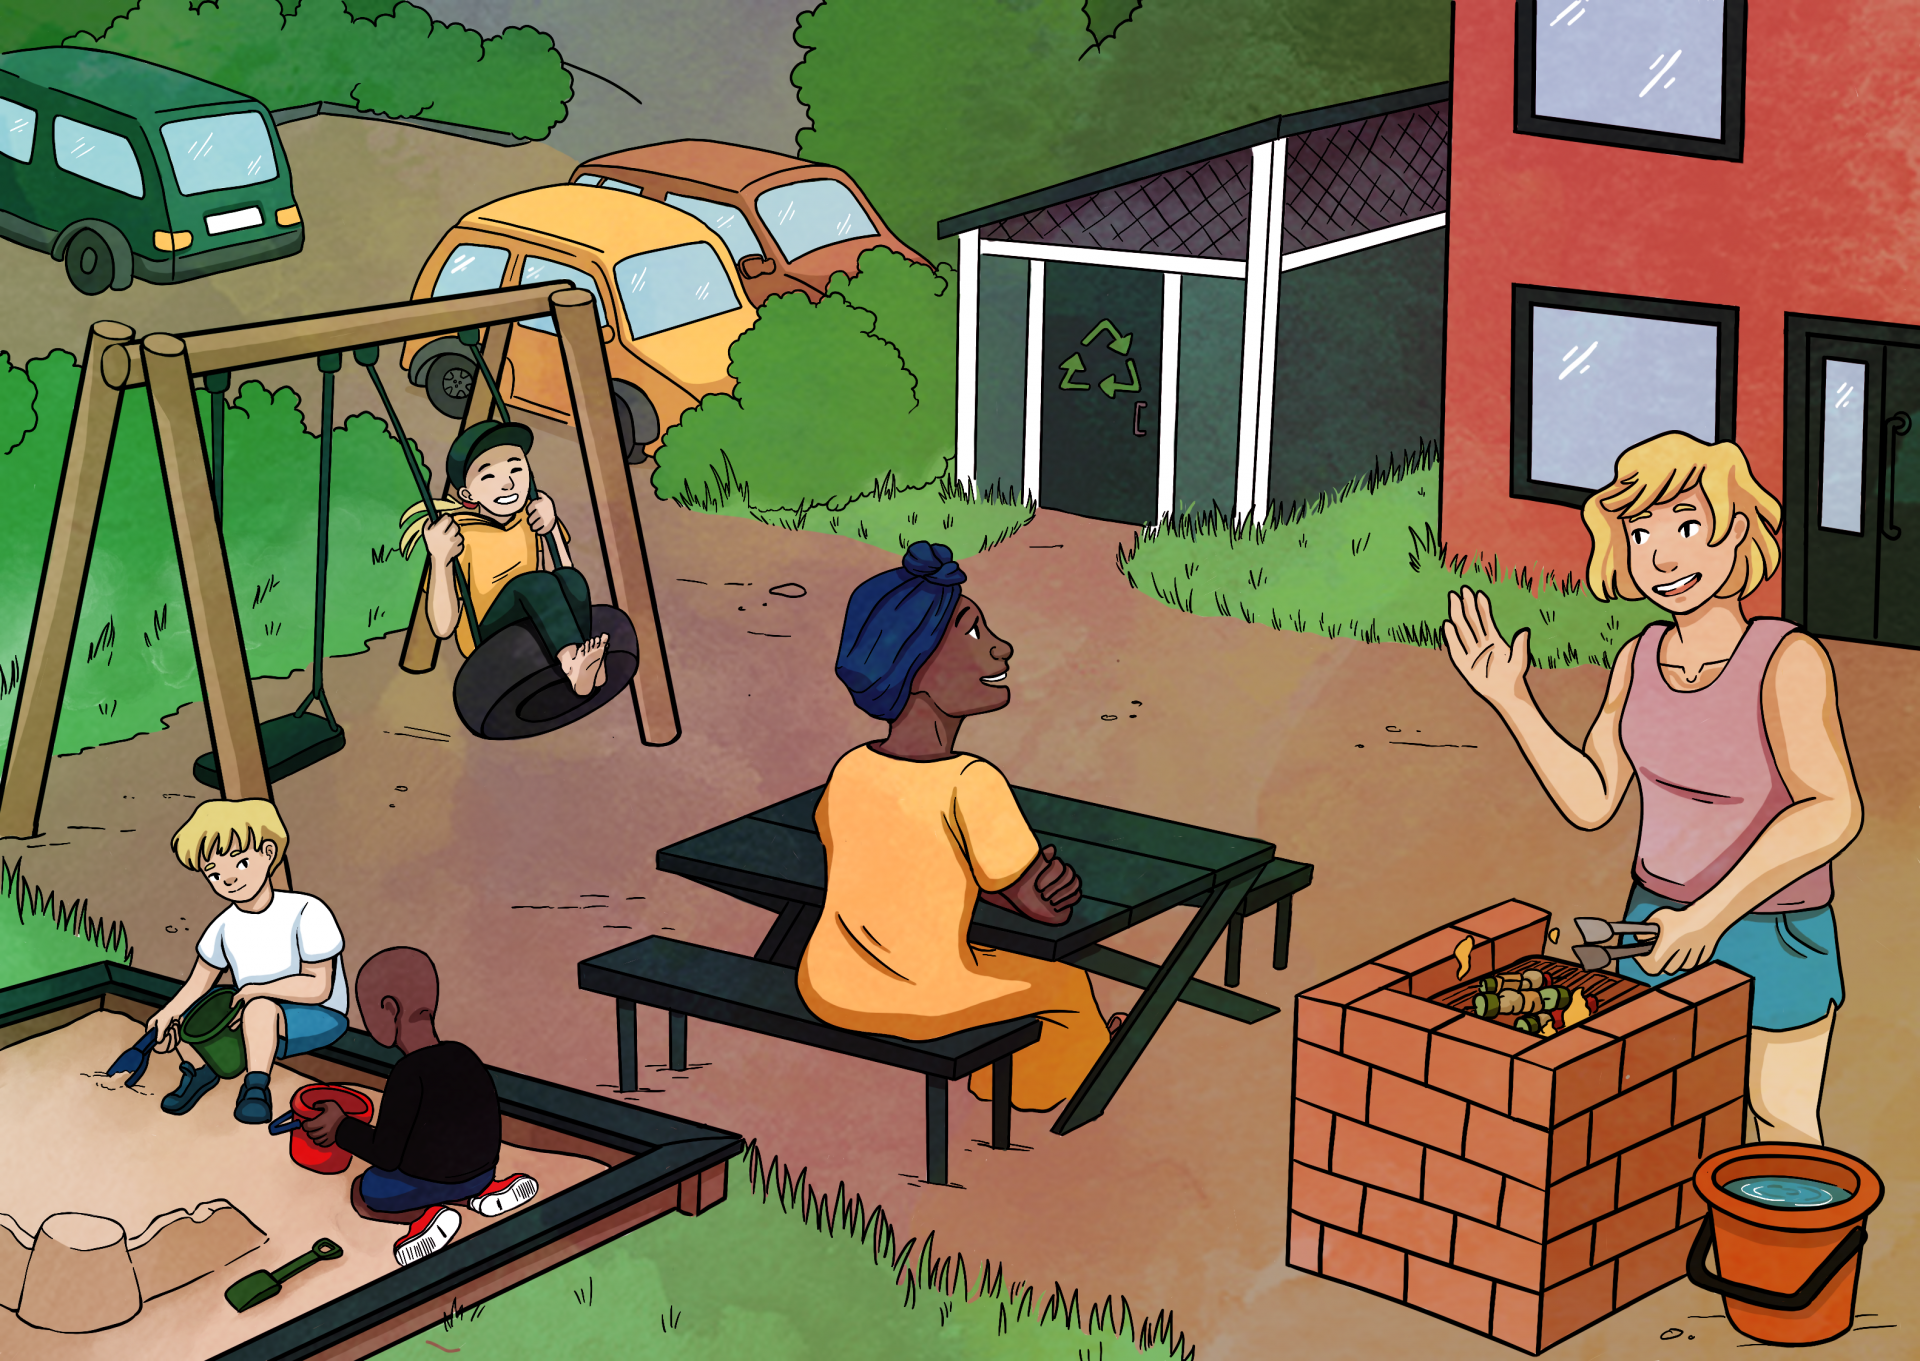 Kodin kansion kuva pihapiiristä, jossa on leikkiviä lapsia sekä ruokaa laittavia aikuisia.